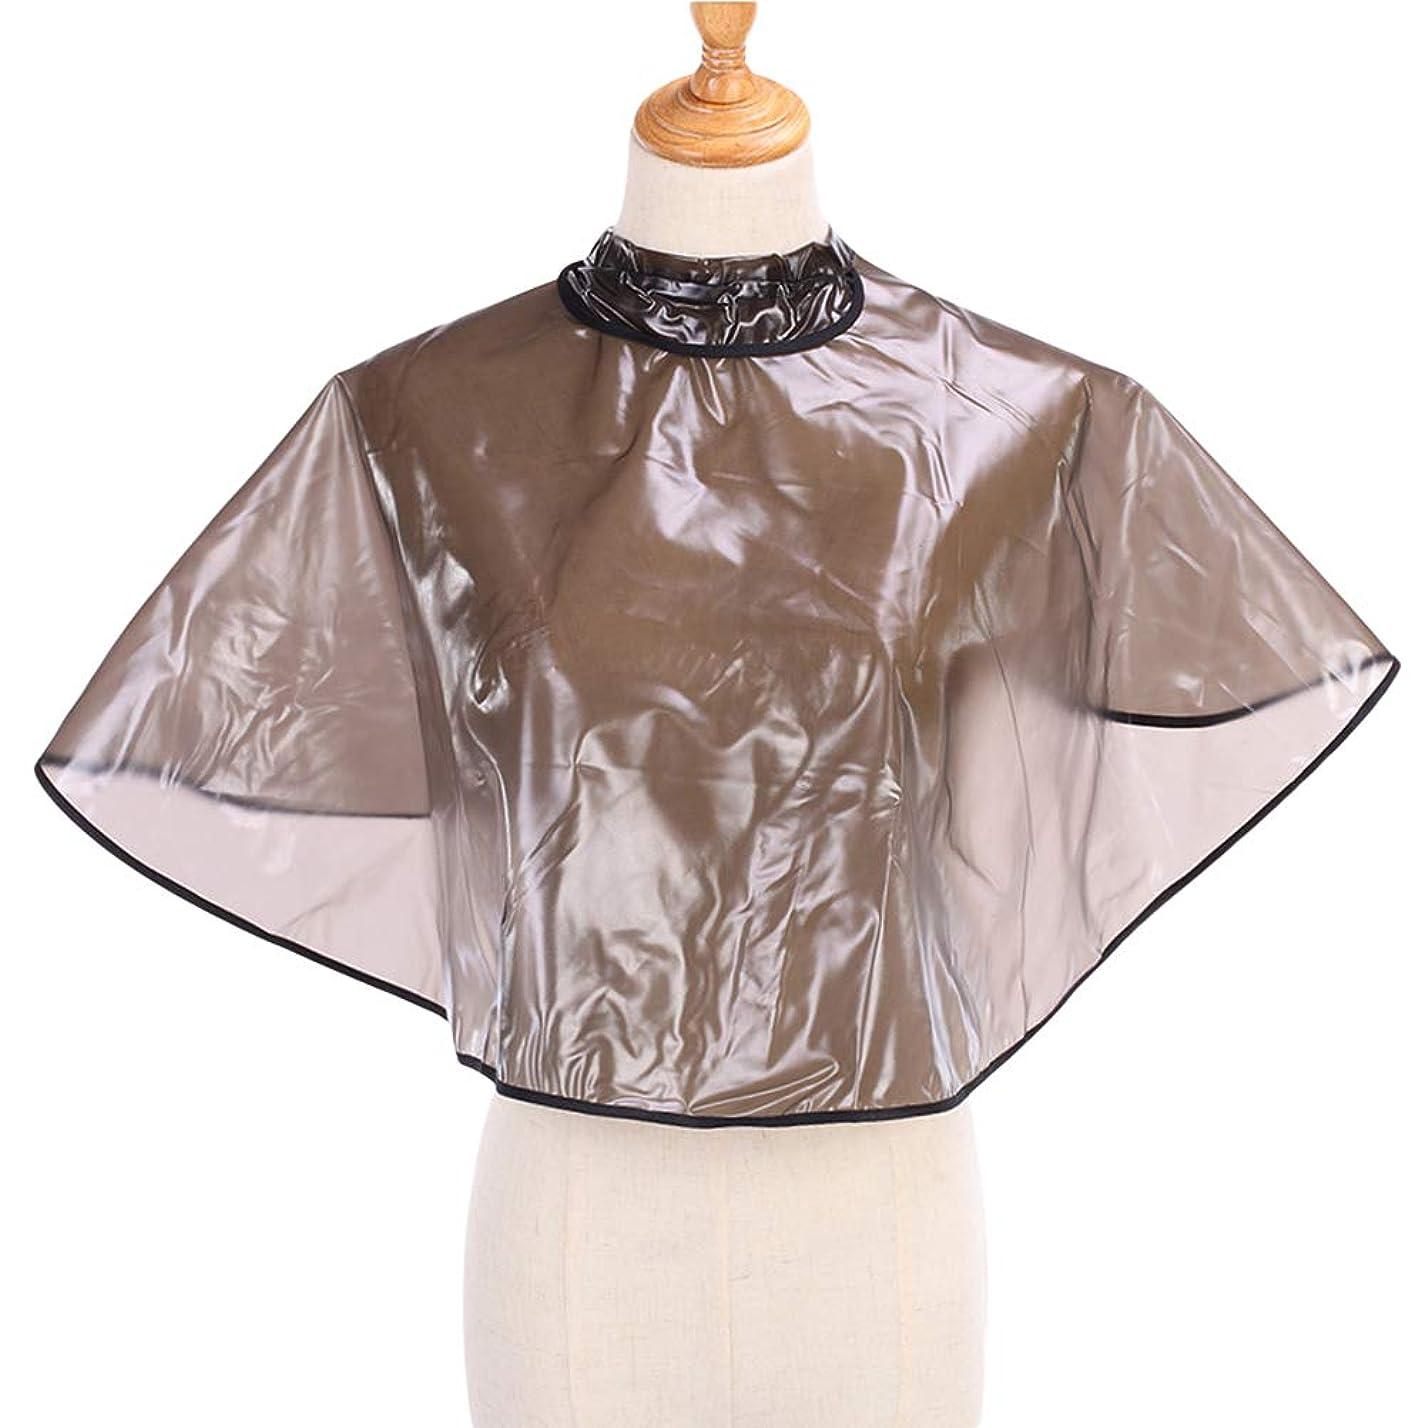 消費ヶ月目悪化するFrcolor シャンプーケープ 散髪ケープ 防水 ヘアエプロン ヘアダイケープ ヘアカラー用 美容 サロン